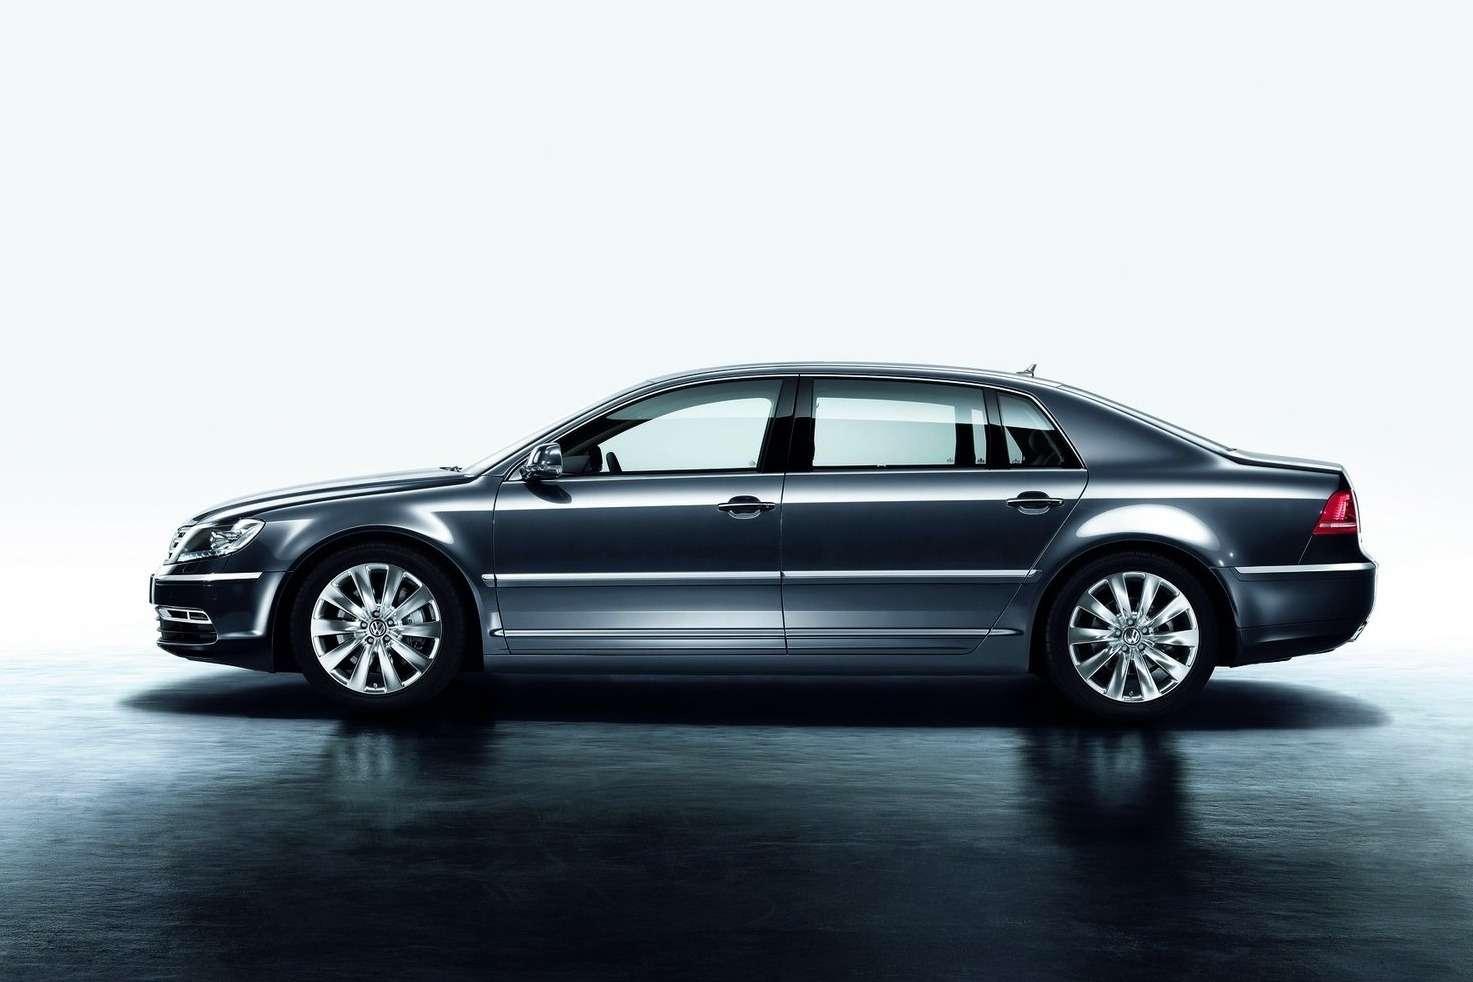 Volkswagen-Phaeton_2011_1600x1200_wallpaper_20